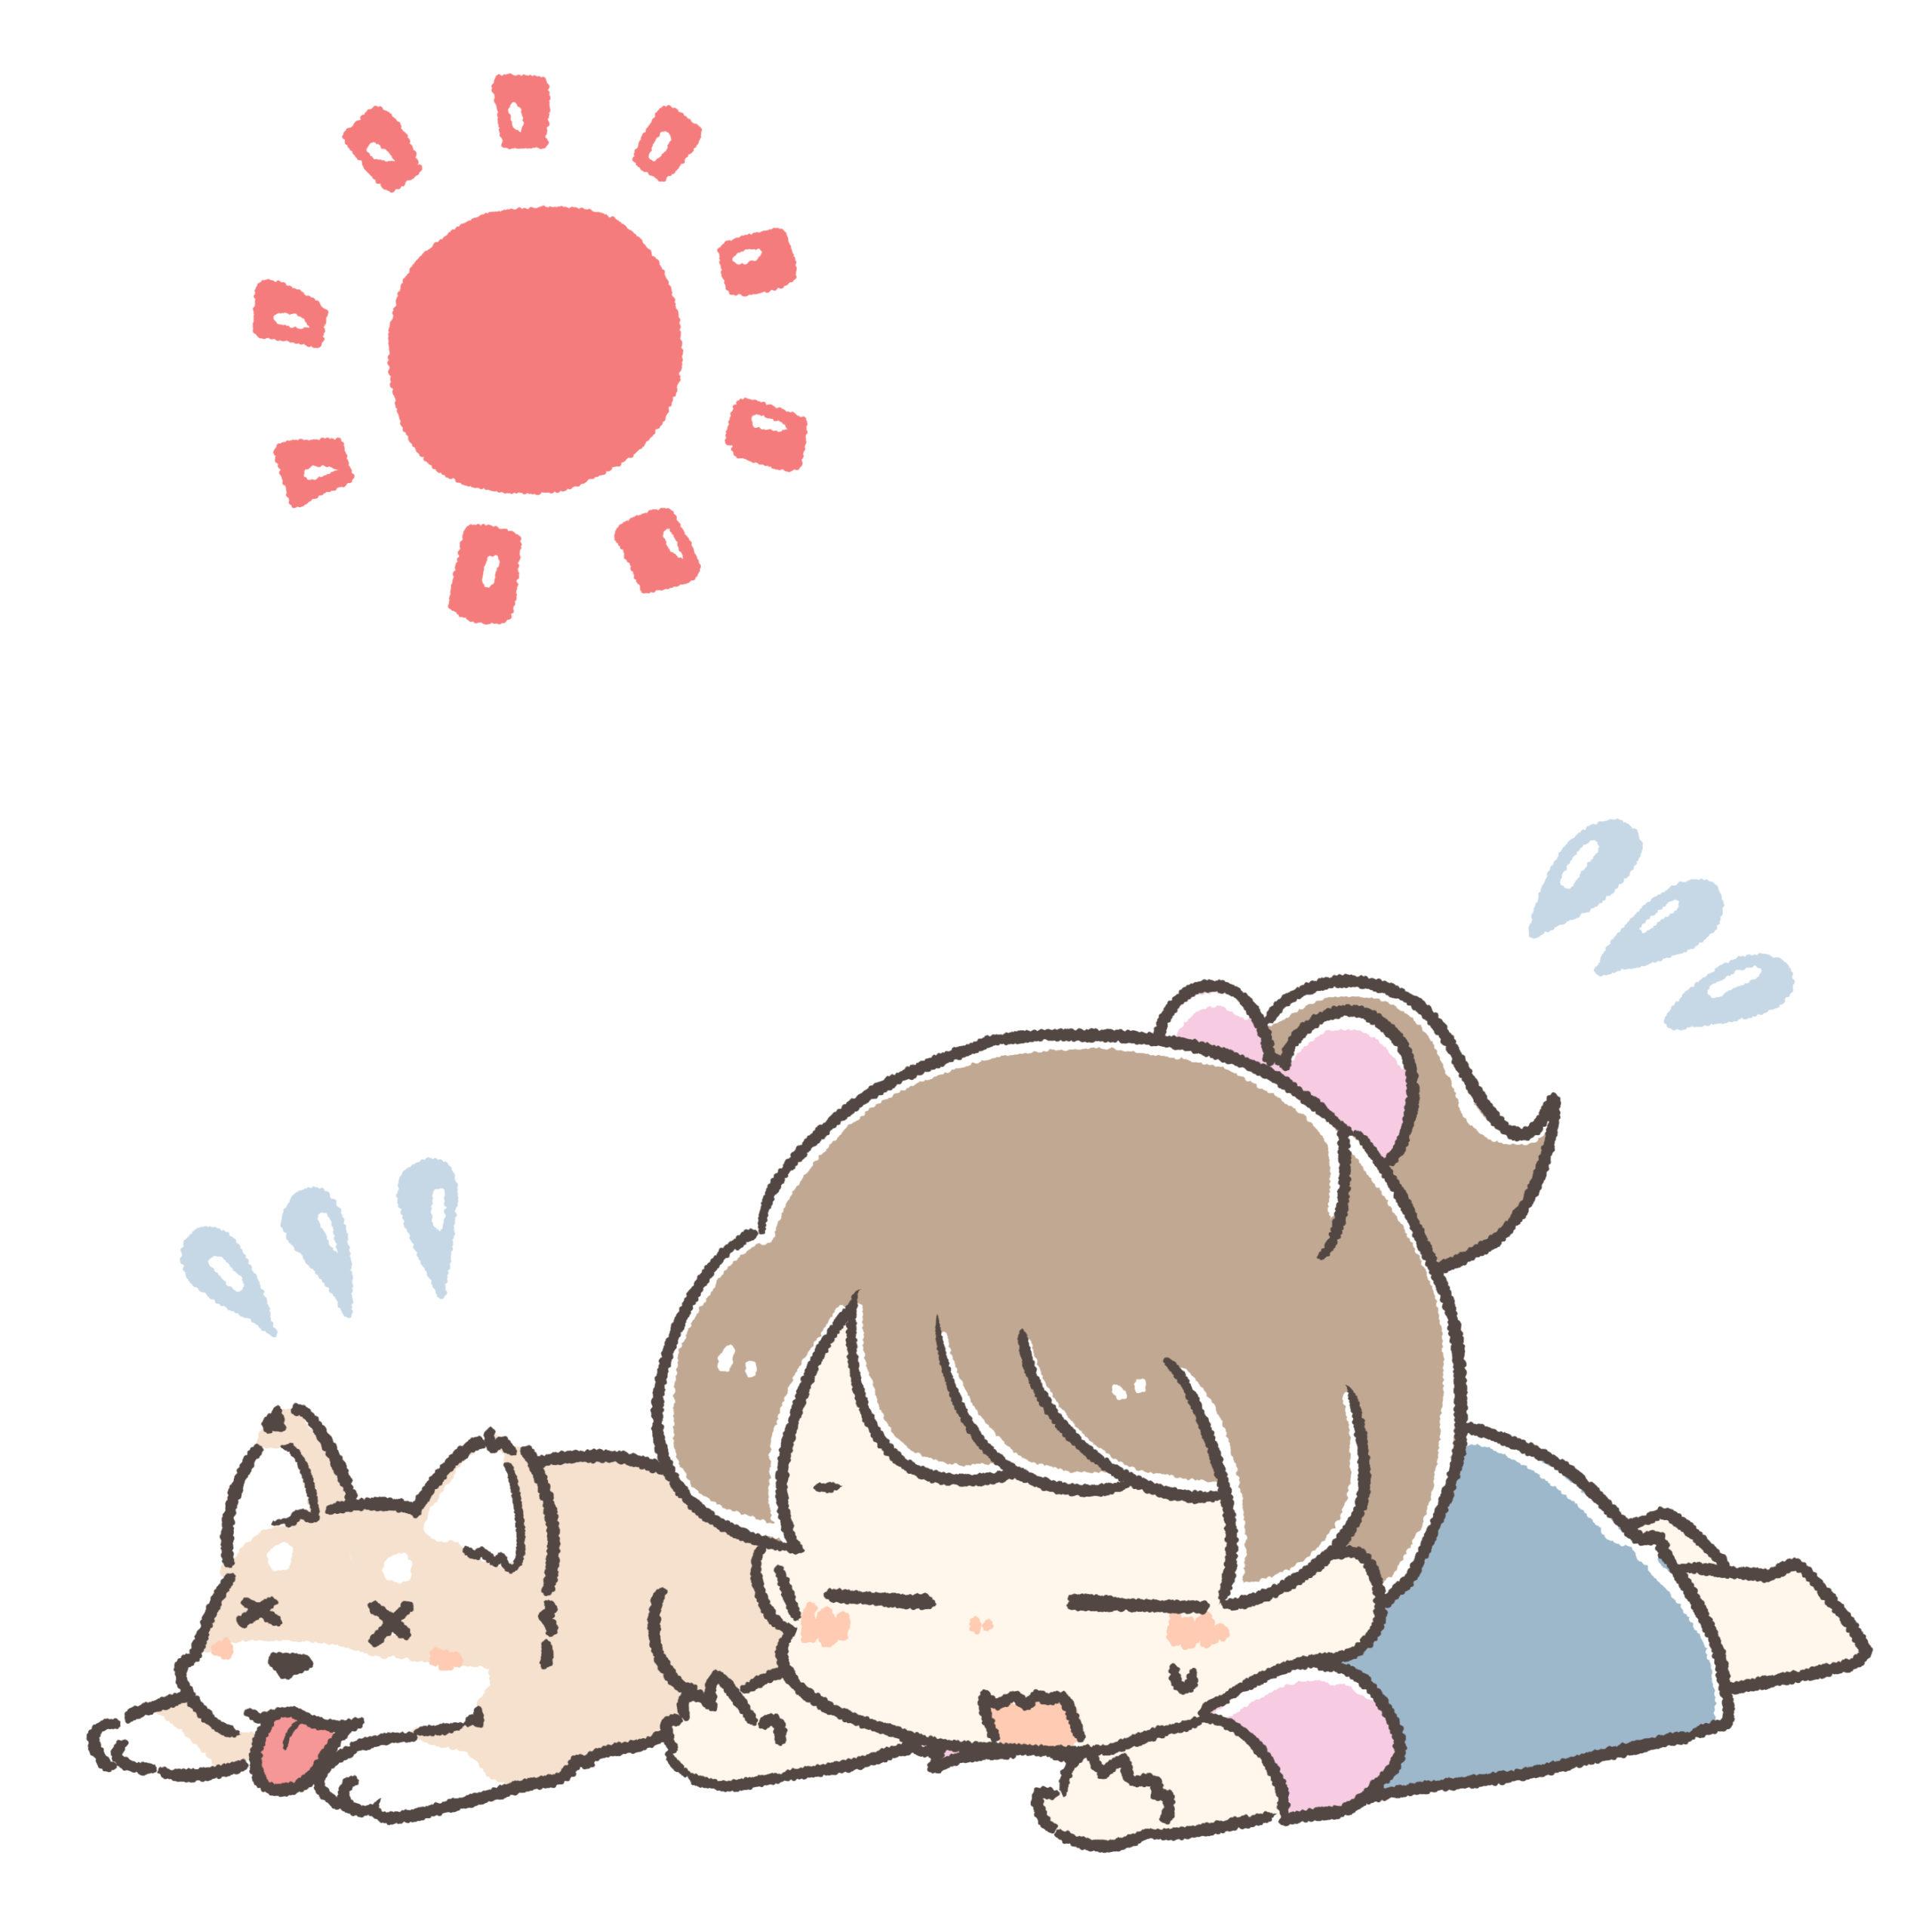 夏バテの少女と犬のイラスト